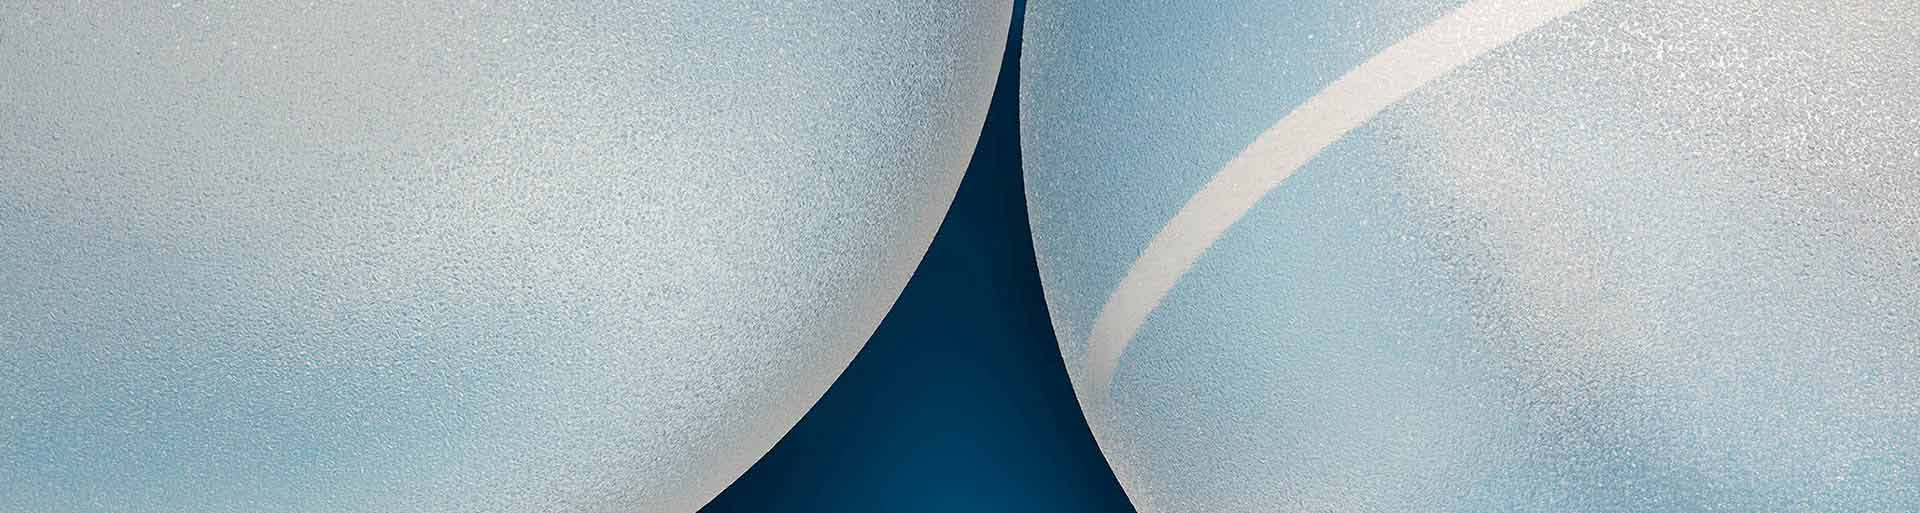 Brustimplantate Polytech